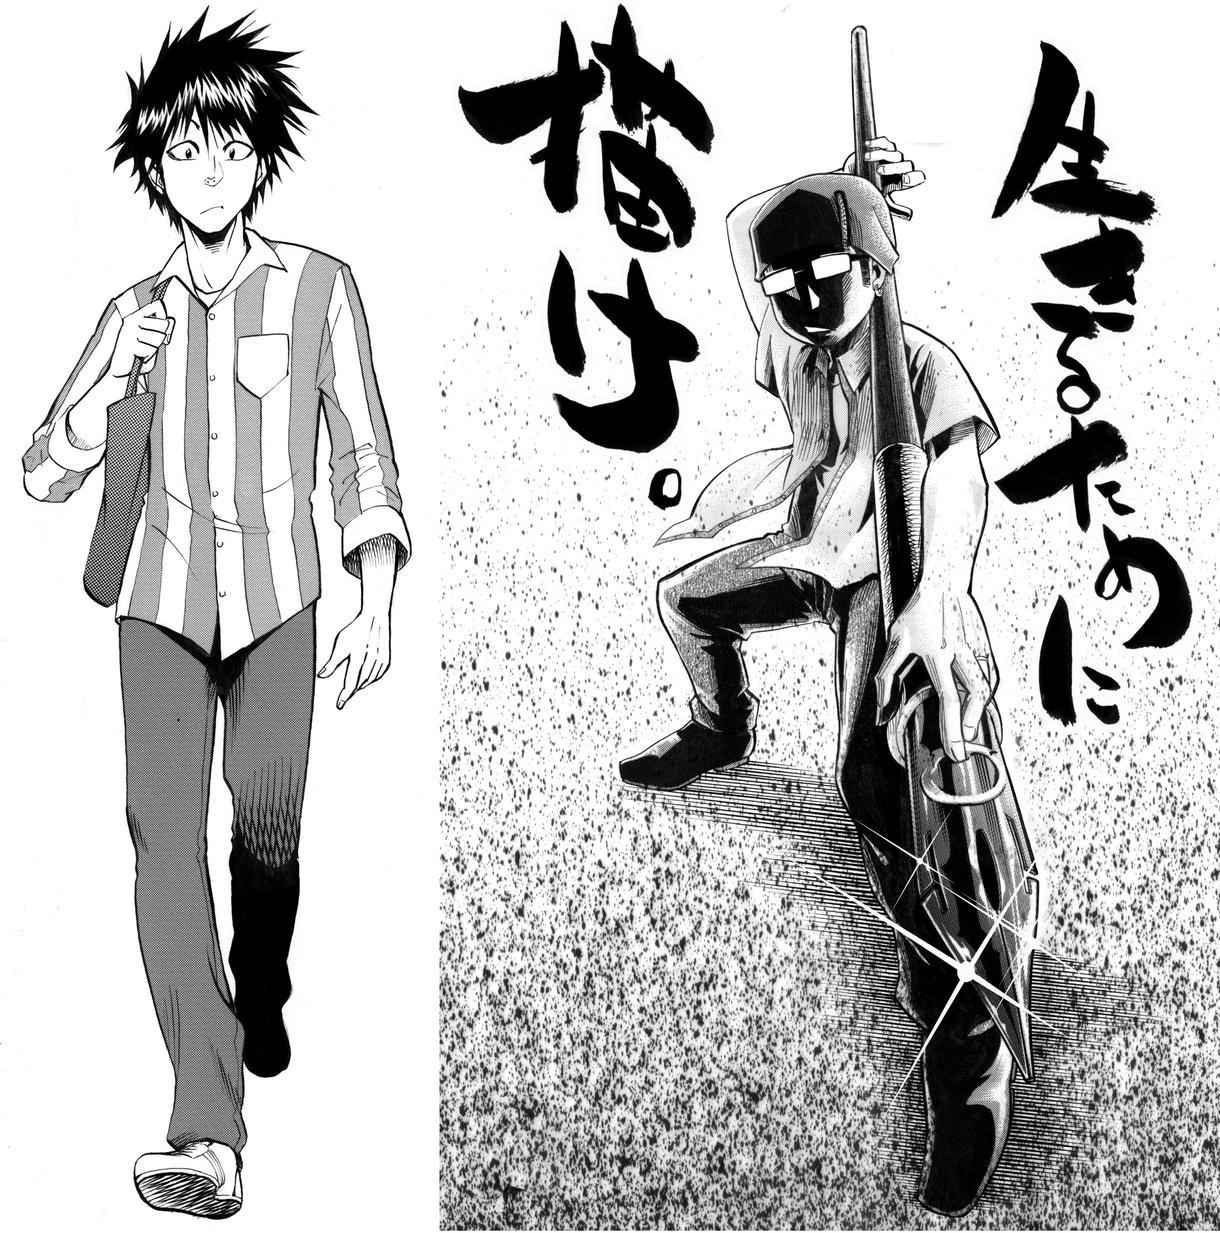 キャラクター、背景など添削します〜★